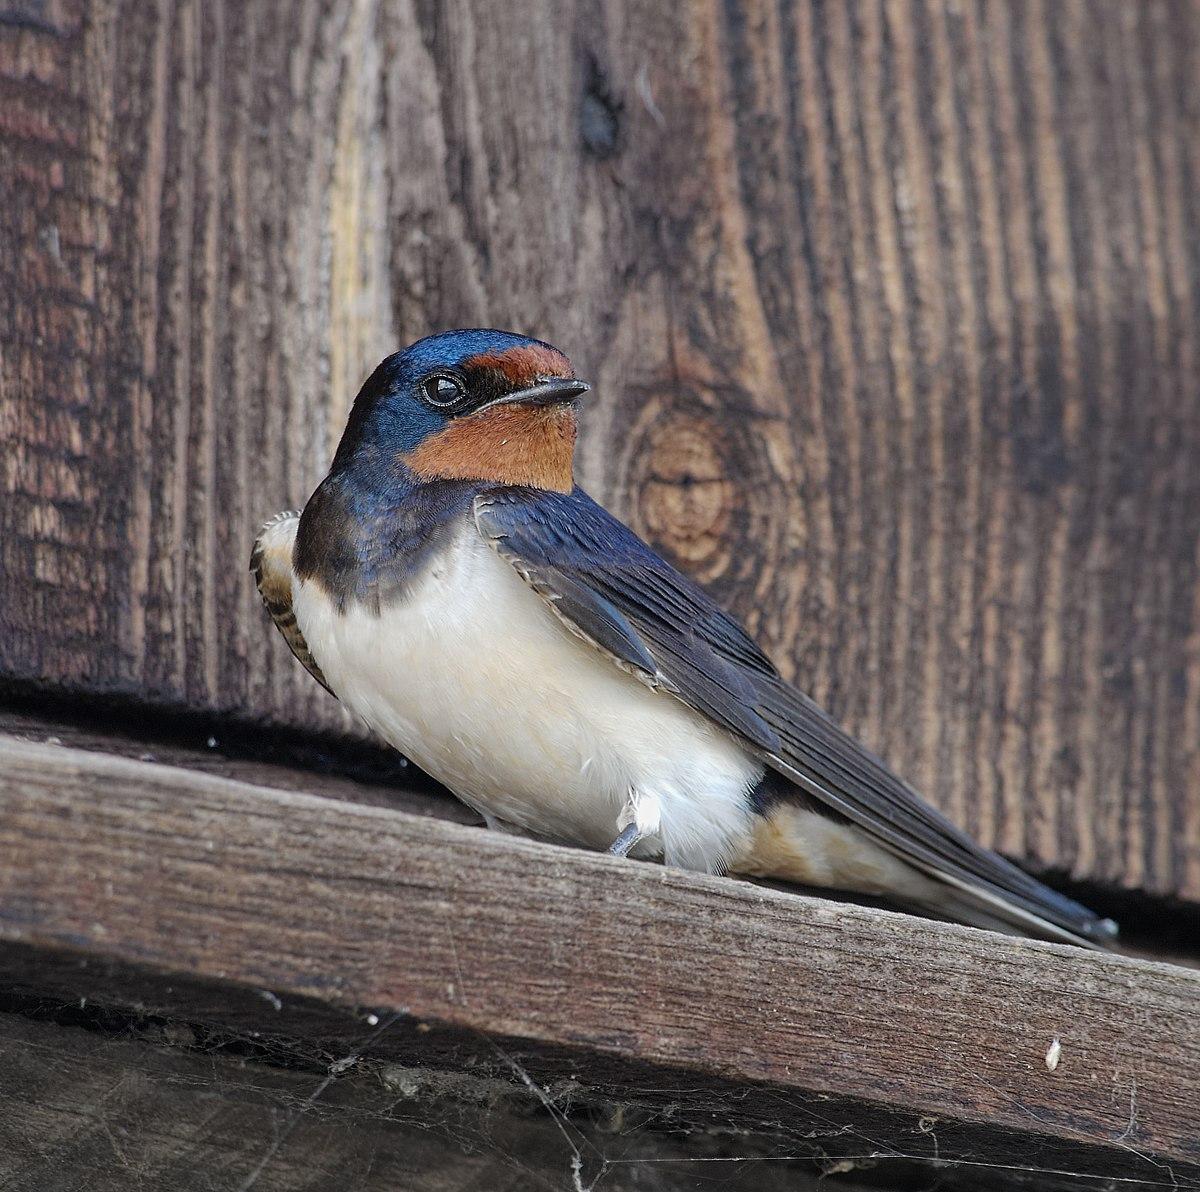 pierderea în greutate a cuibului de păsări pierdeți în greutate pentru numerar